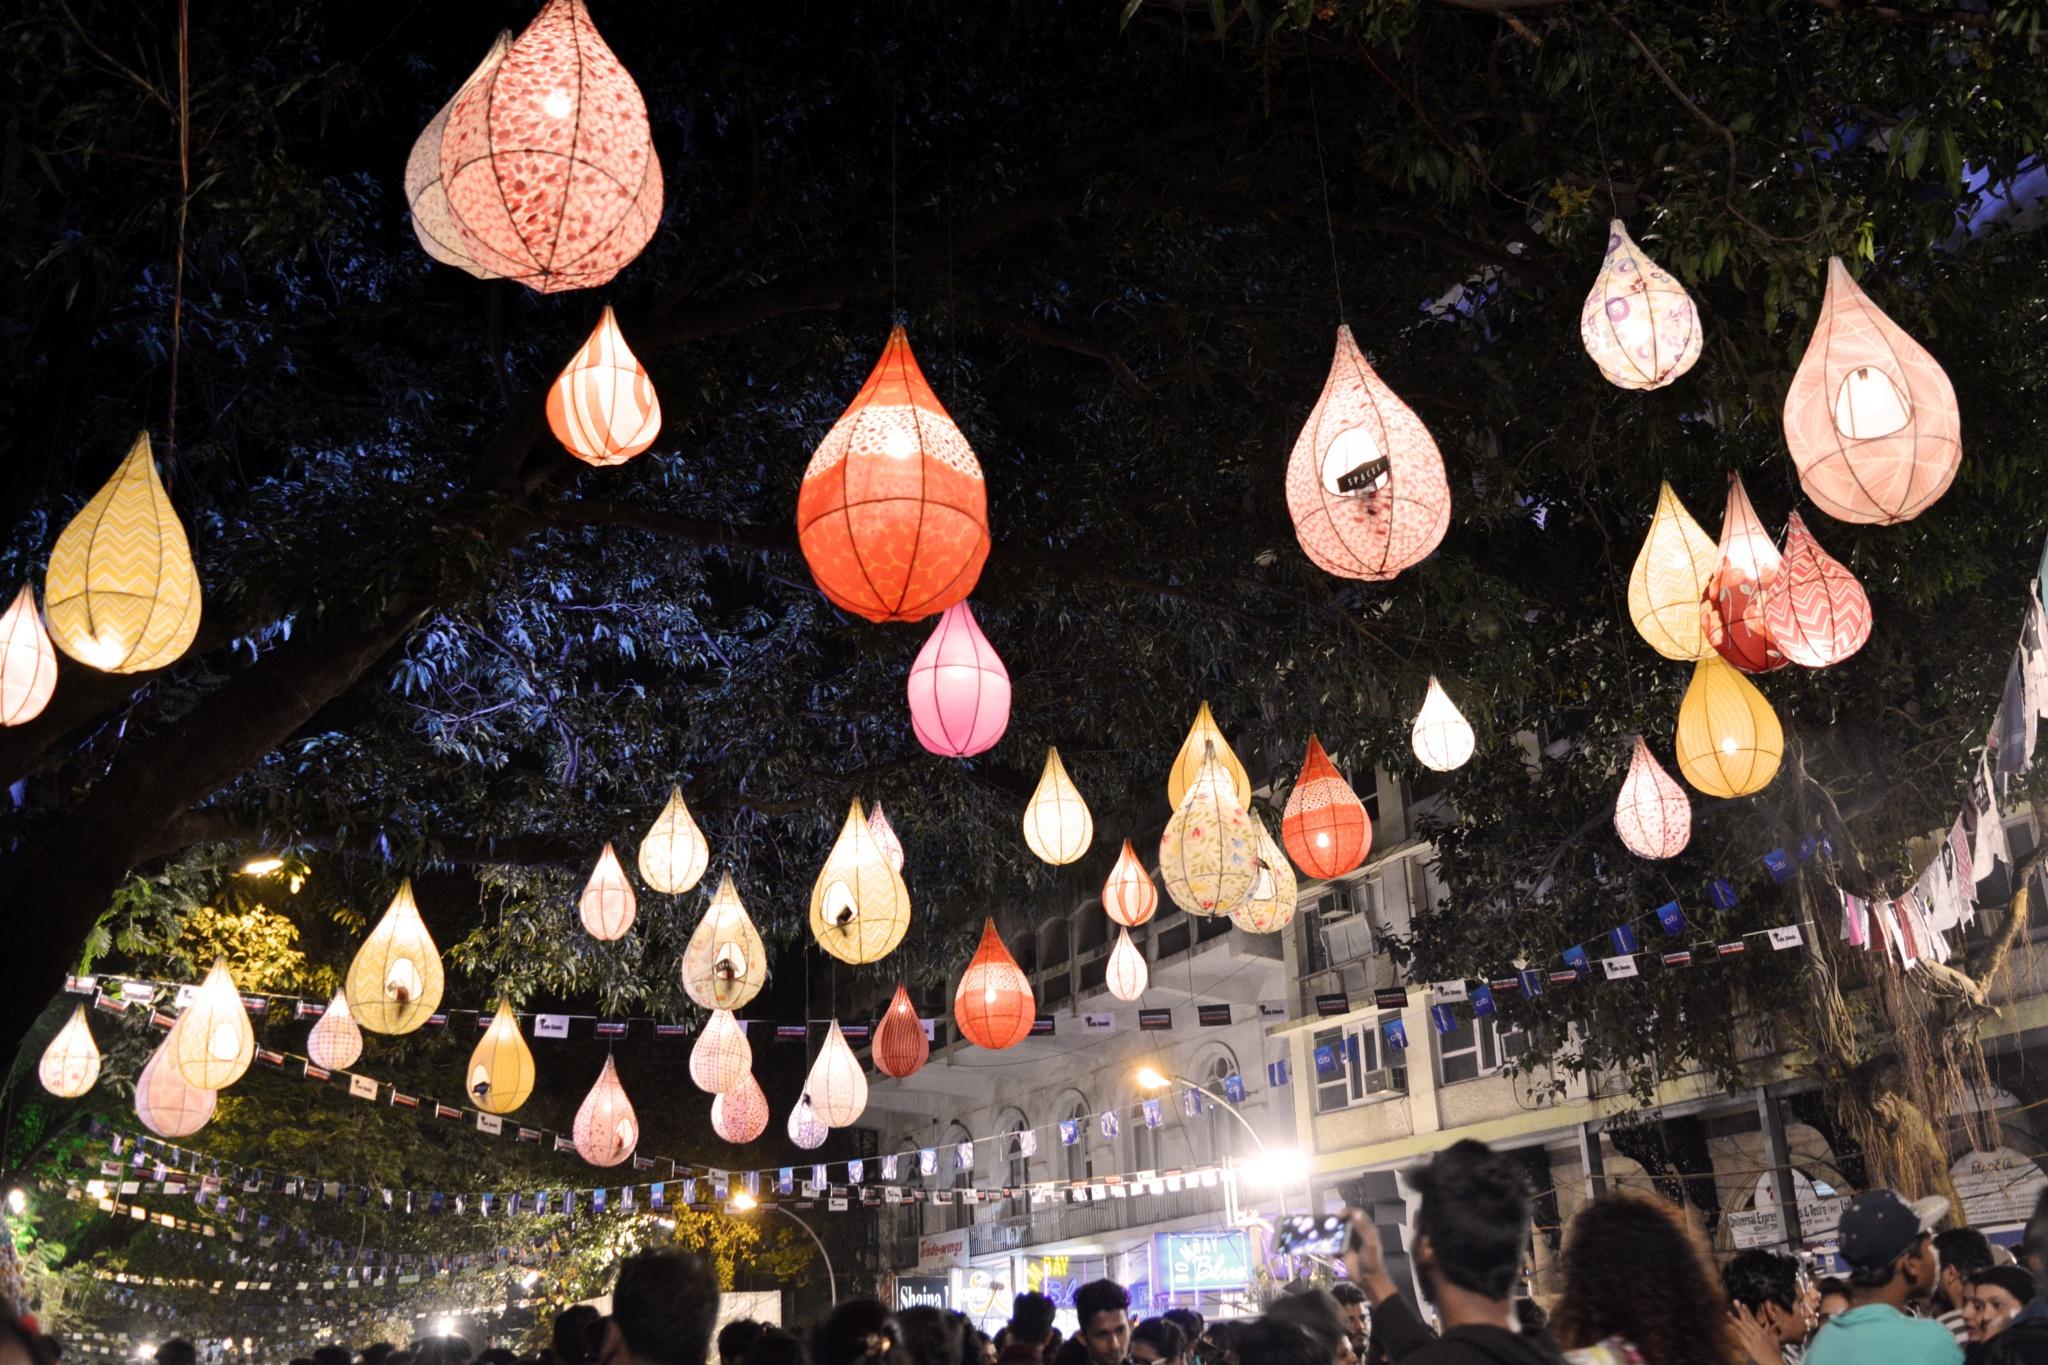 Lamps by DIPTY KUMARI